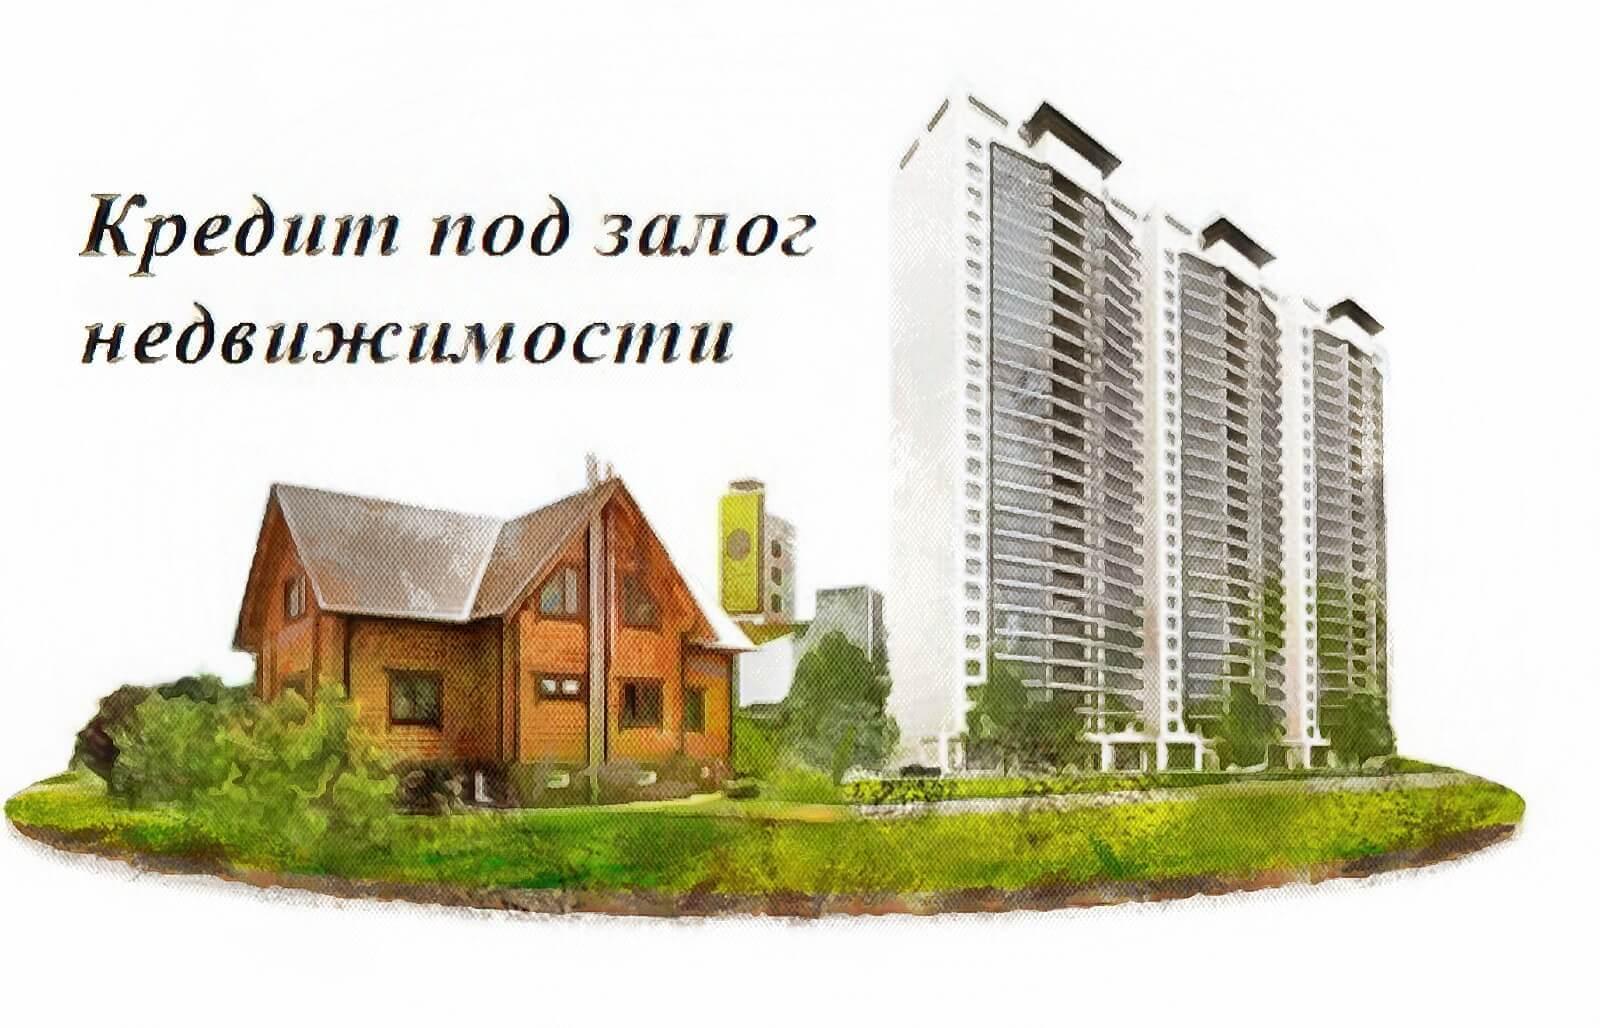 Стоит ли брать кредит под залог недвижимости в Сбербанке?